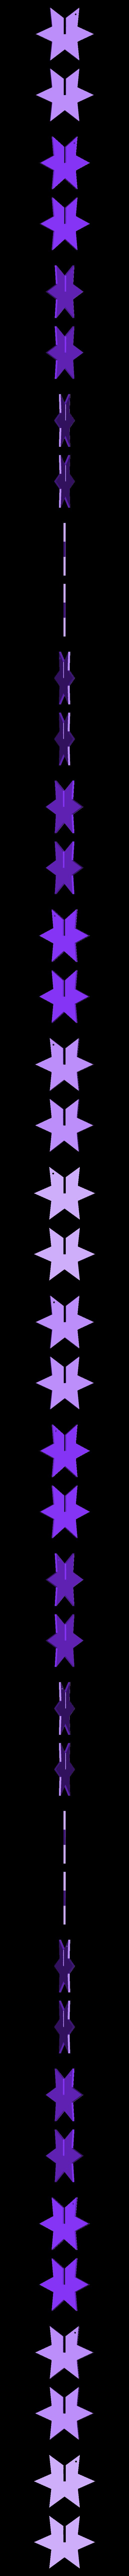 2_piece_parametric_star.stl Télécharger fichier STL gratuit 2 pièces paramétrique étoile • Modèle pour imprimante 3D, Not3dred